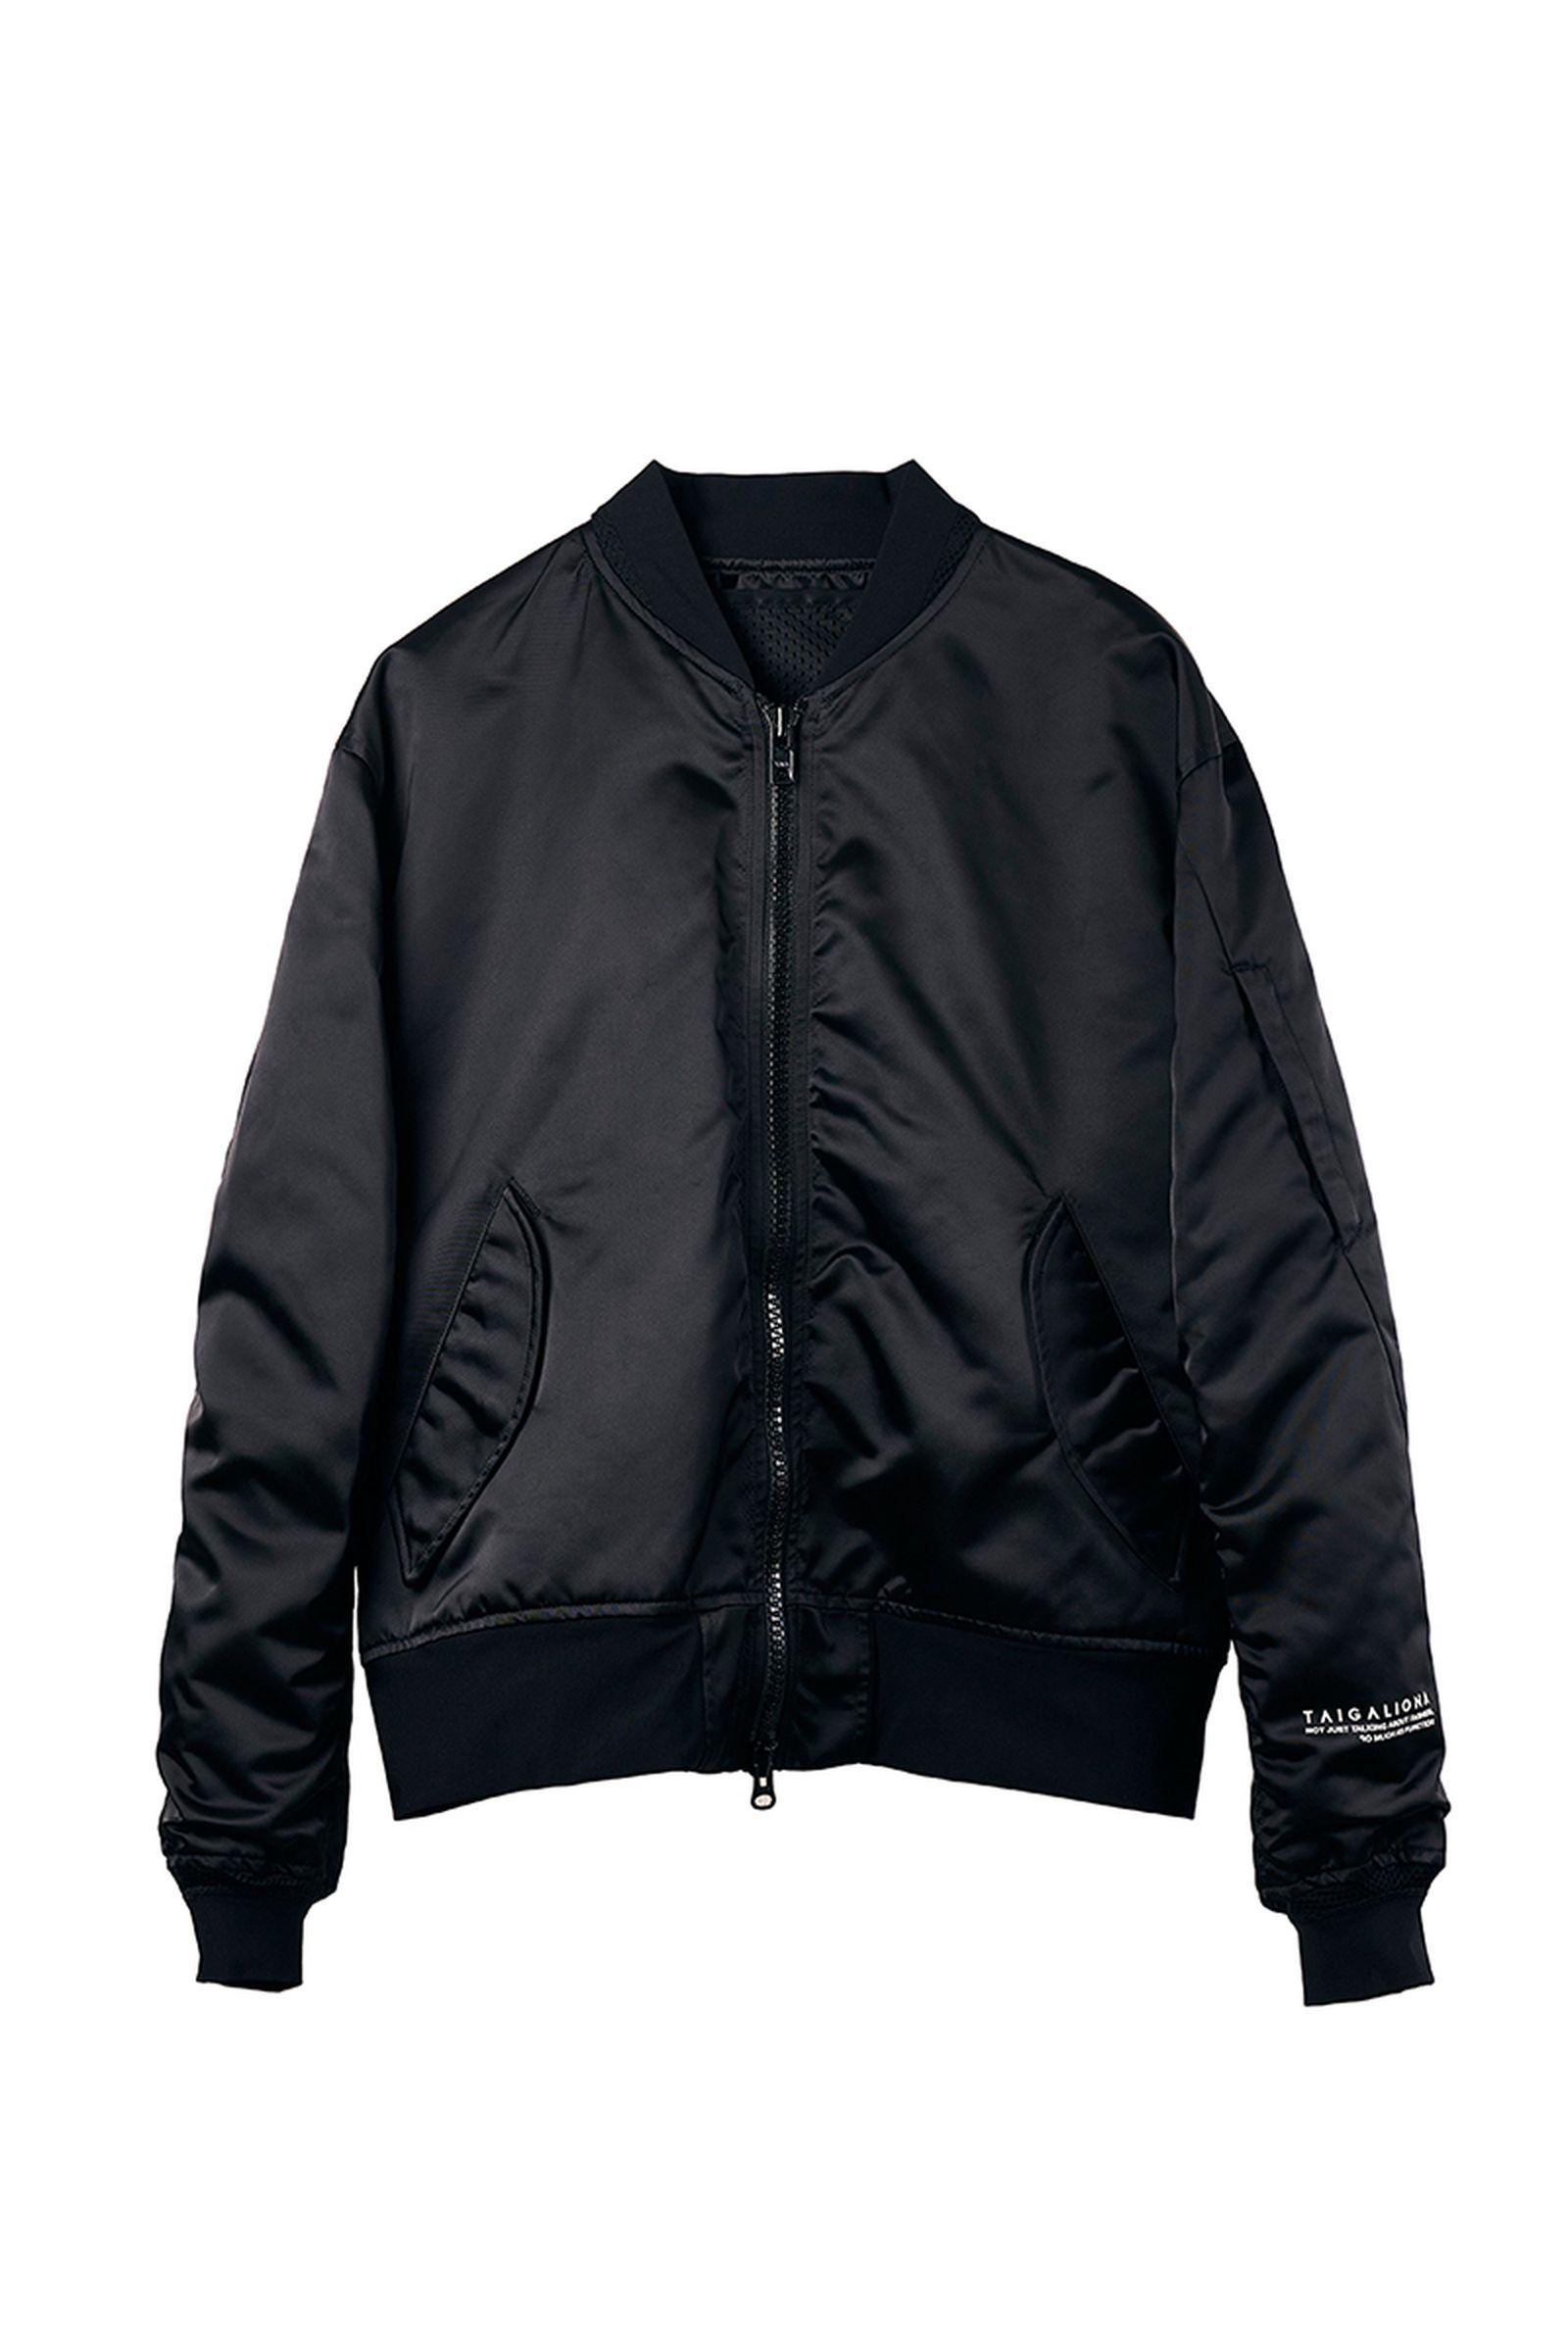 taiga liona fan cooled clothing (5)